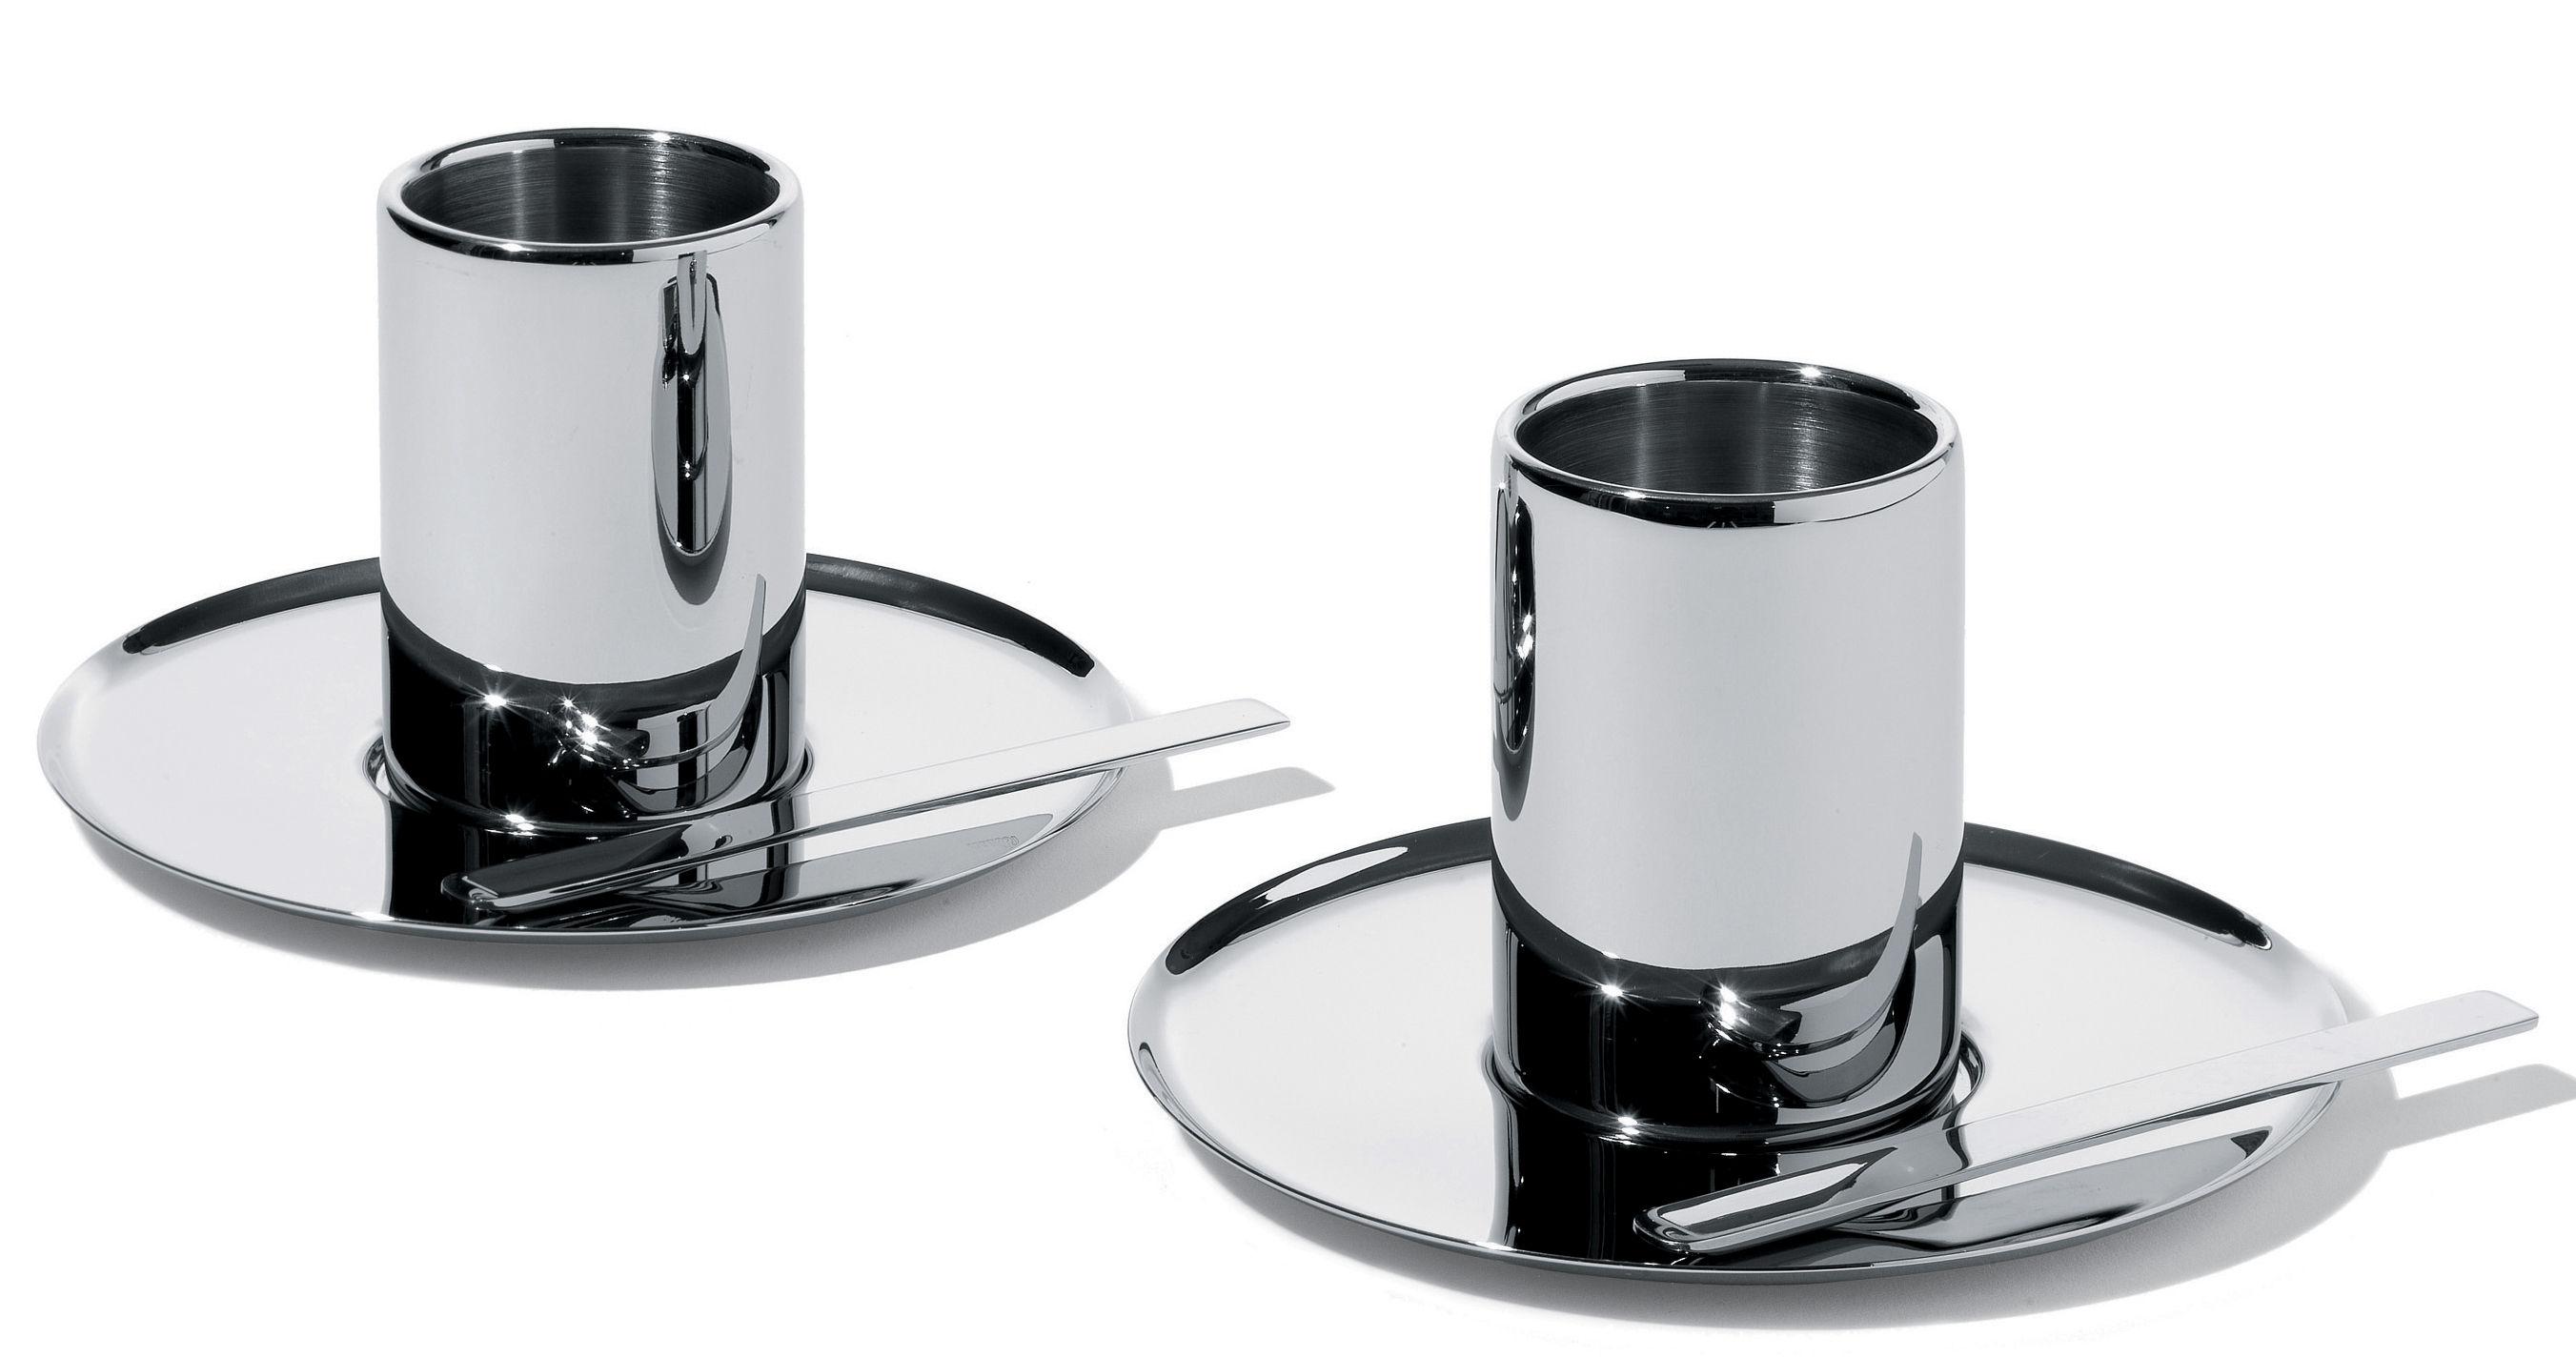 Tischkultur - Bestecke - Jean Nouvel Kaffeelöffel 4 Stück - Alessi - Stahl - rostfreier Stahl